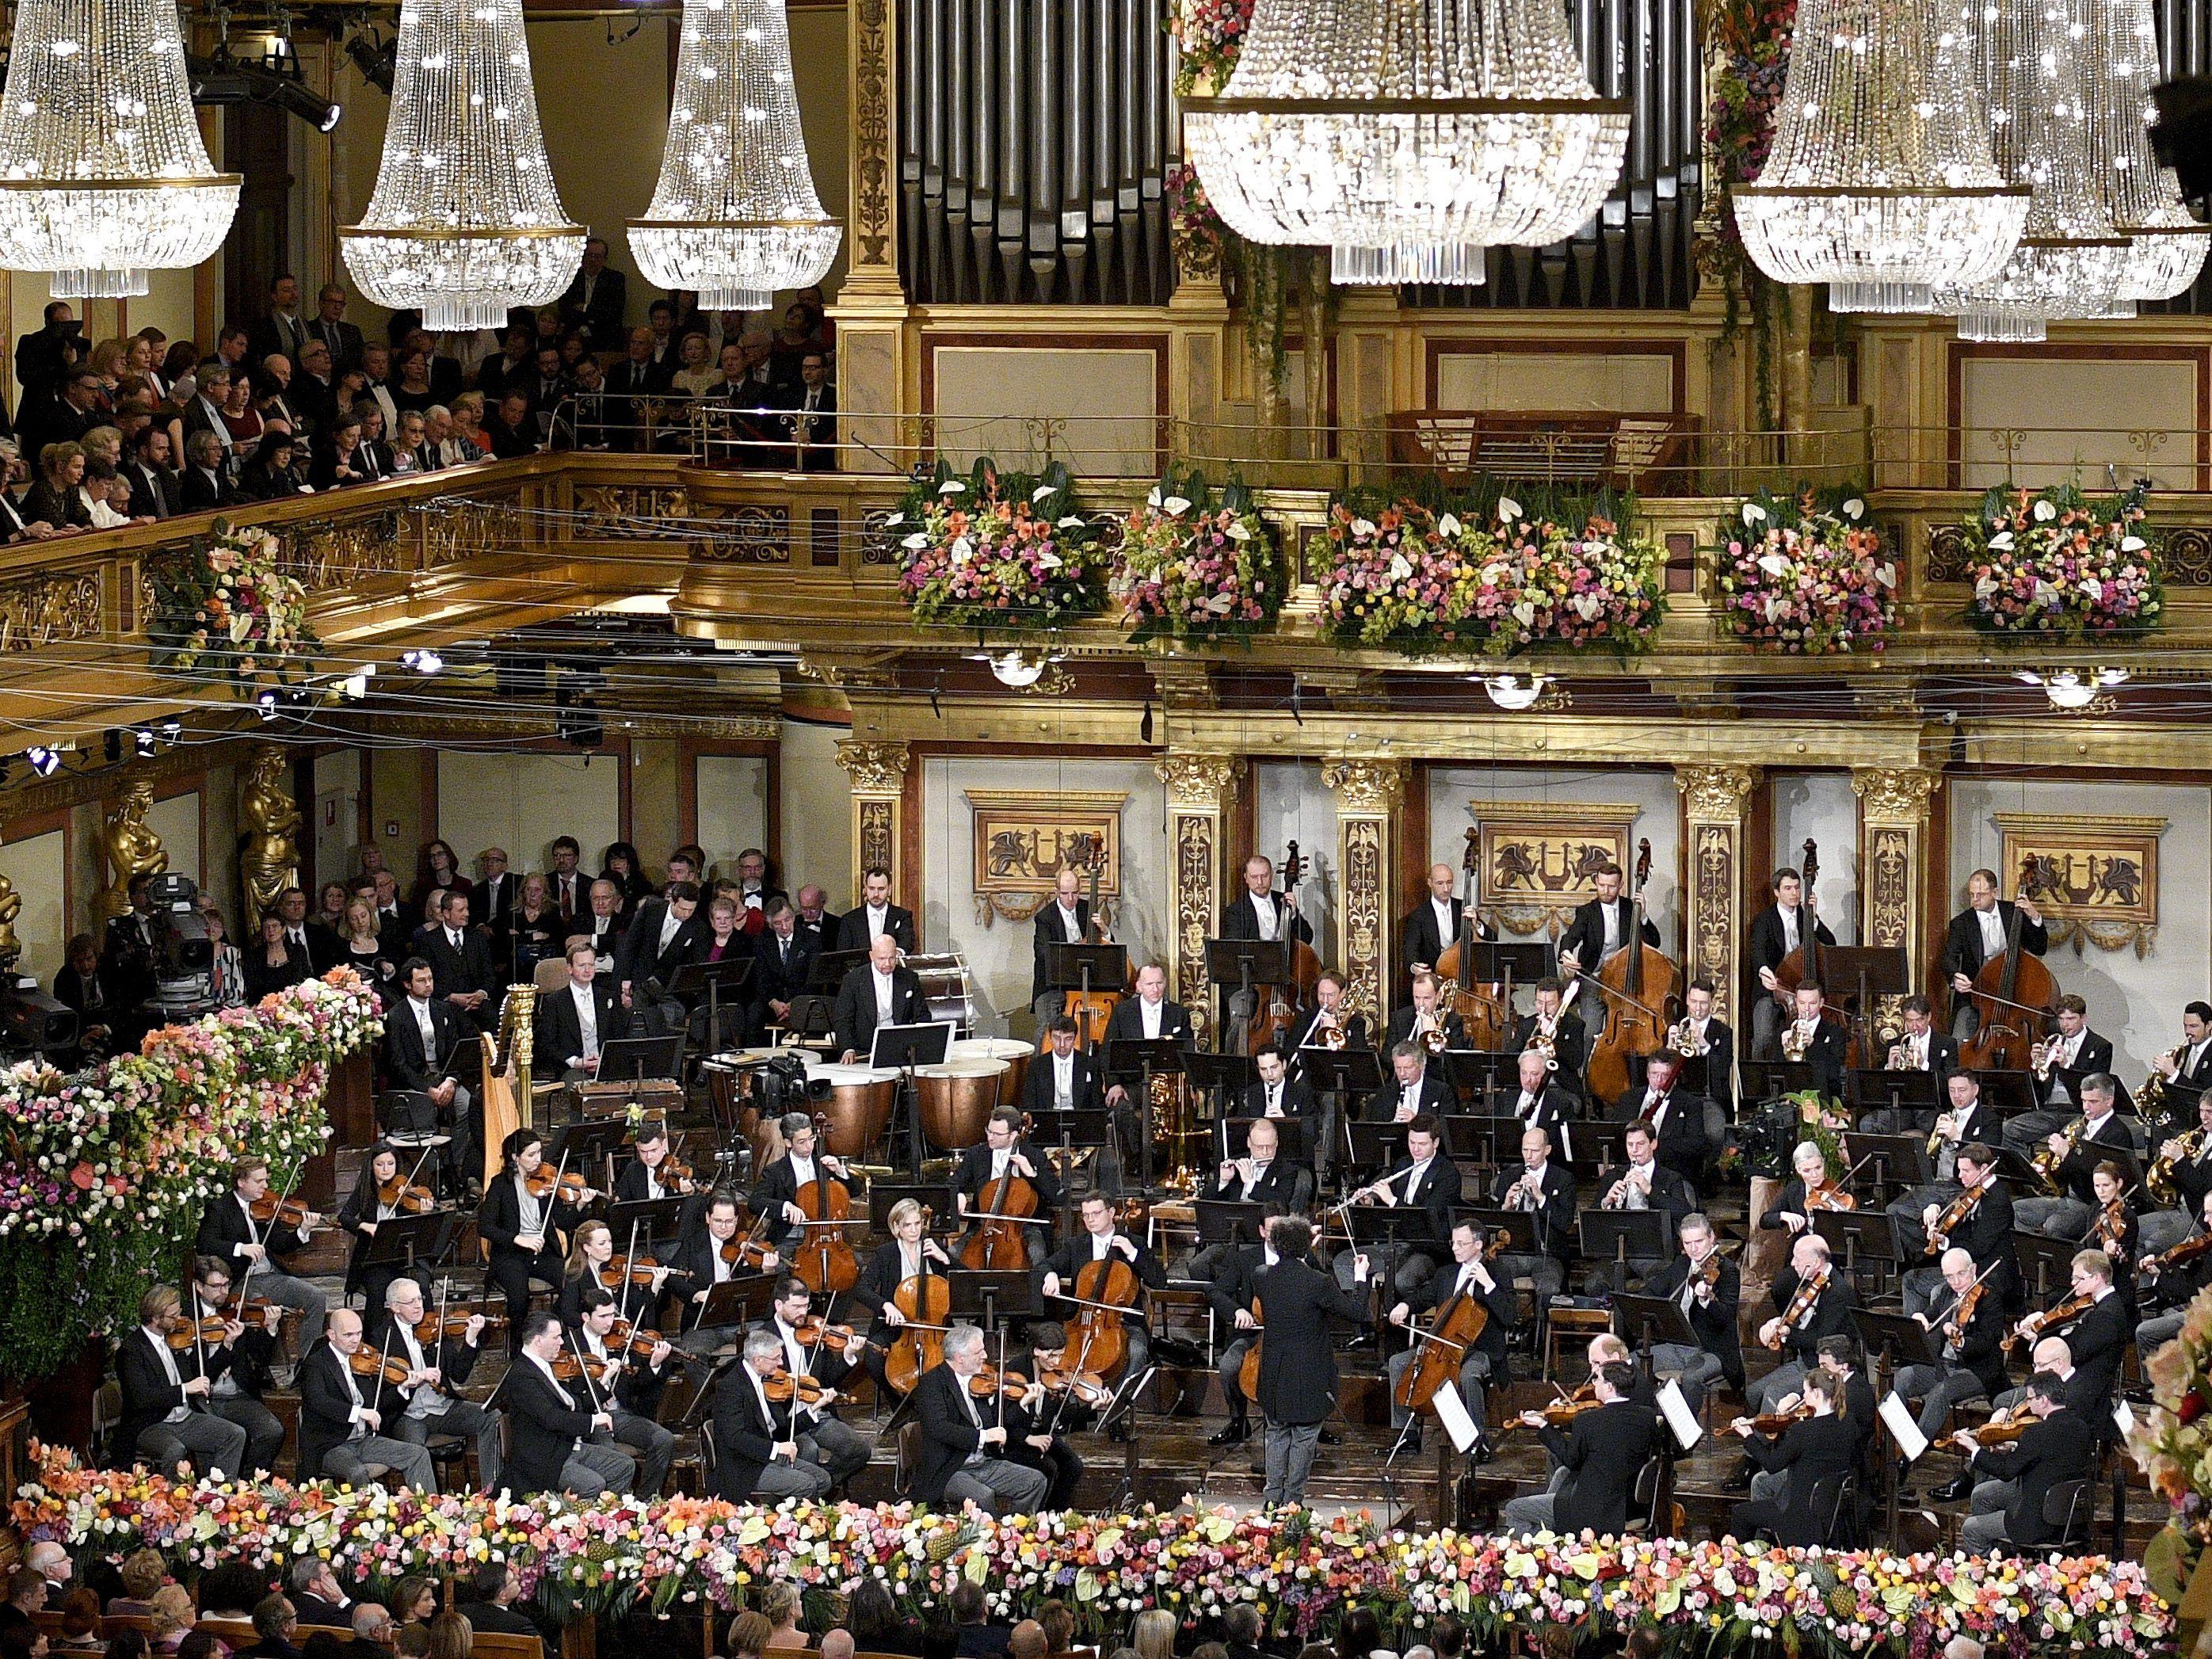 Wien Philharmoniker